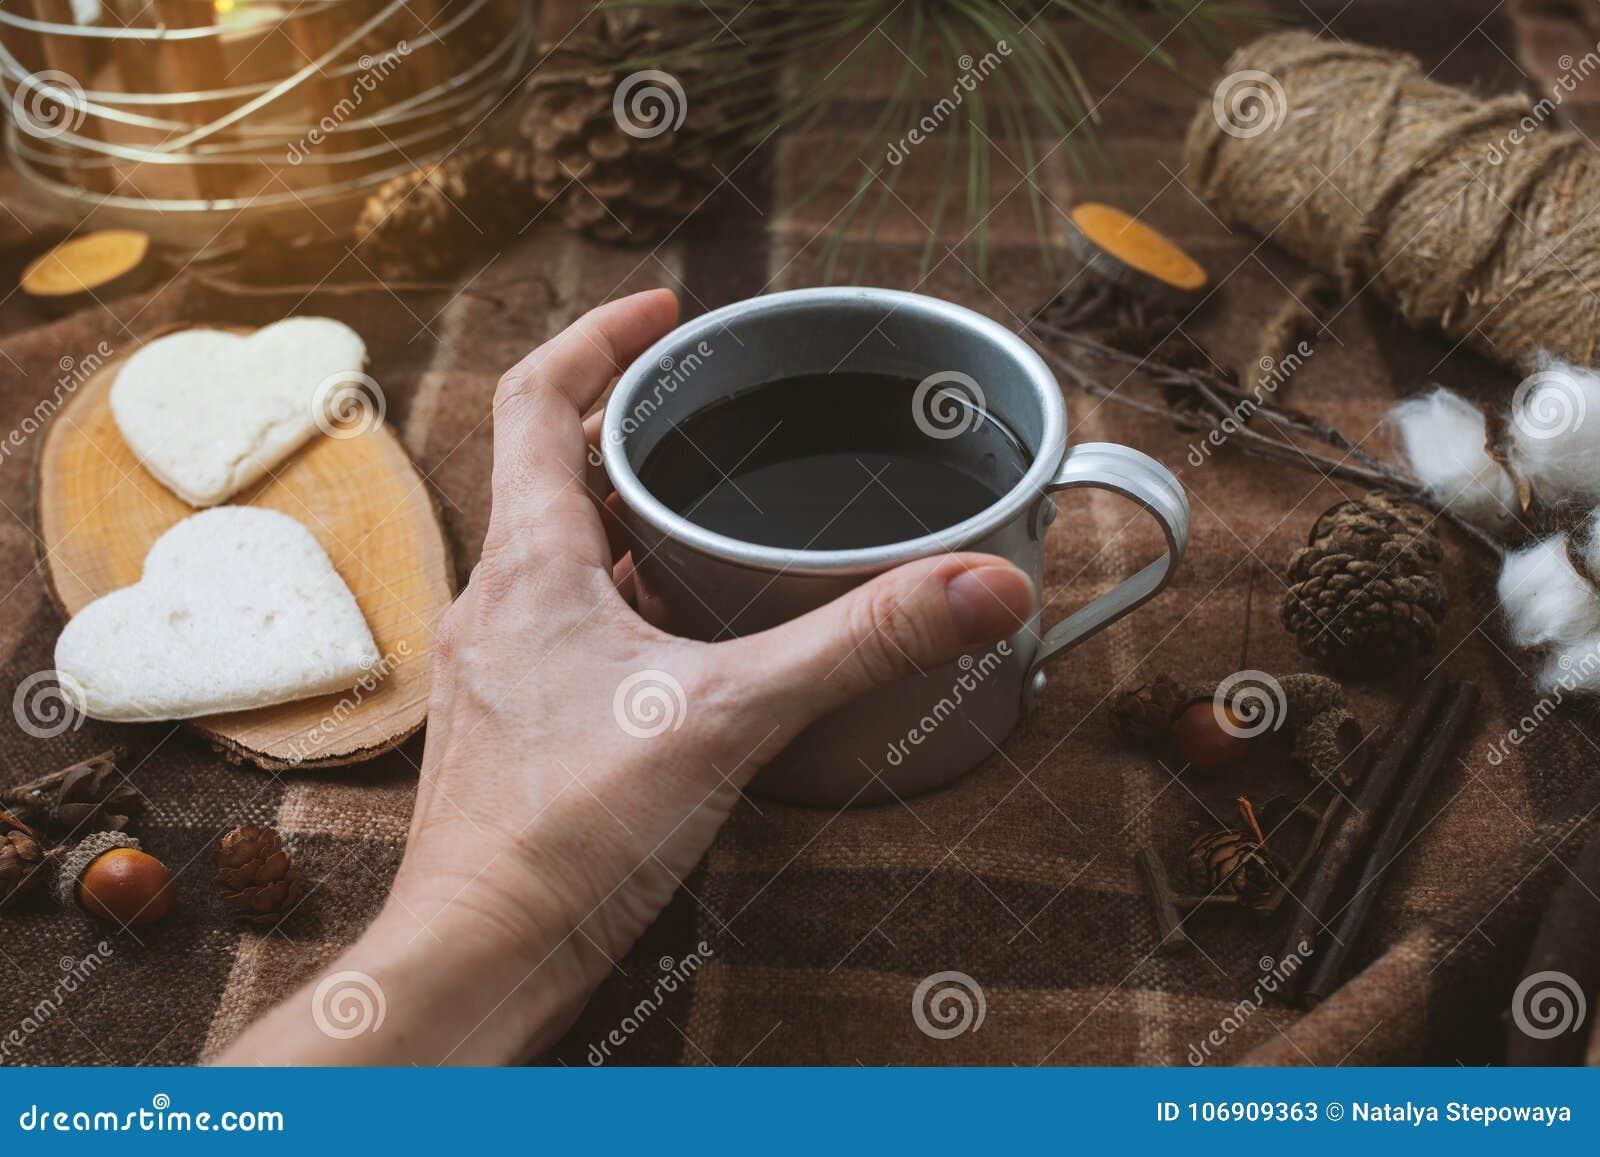 Pinkin w naturze, rękach trzyma filiżankę czarna kawa, szkockiej kracie i sercach,